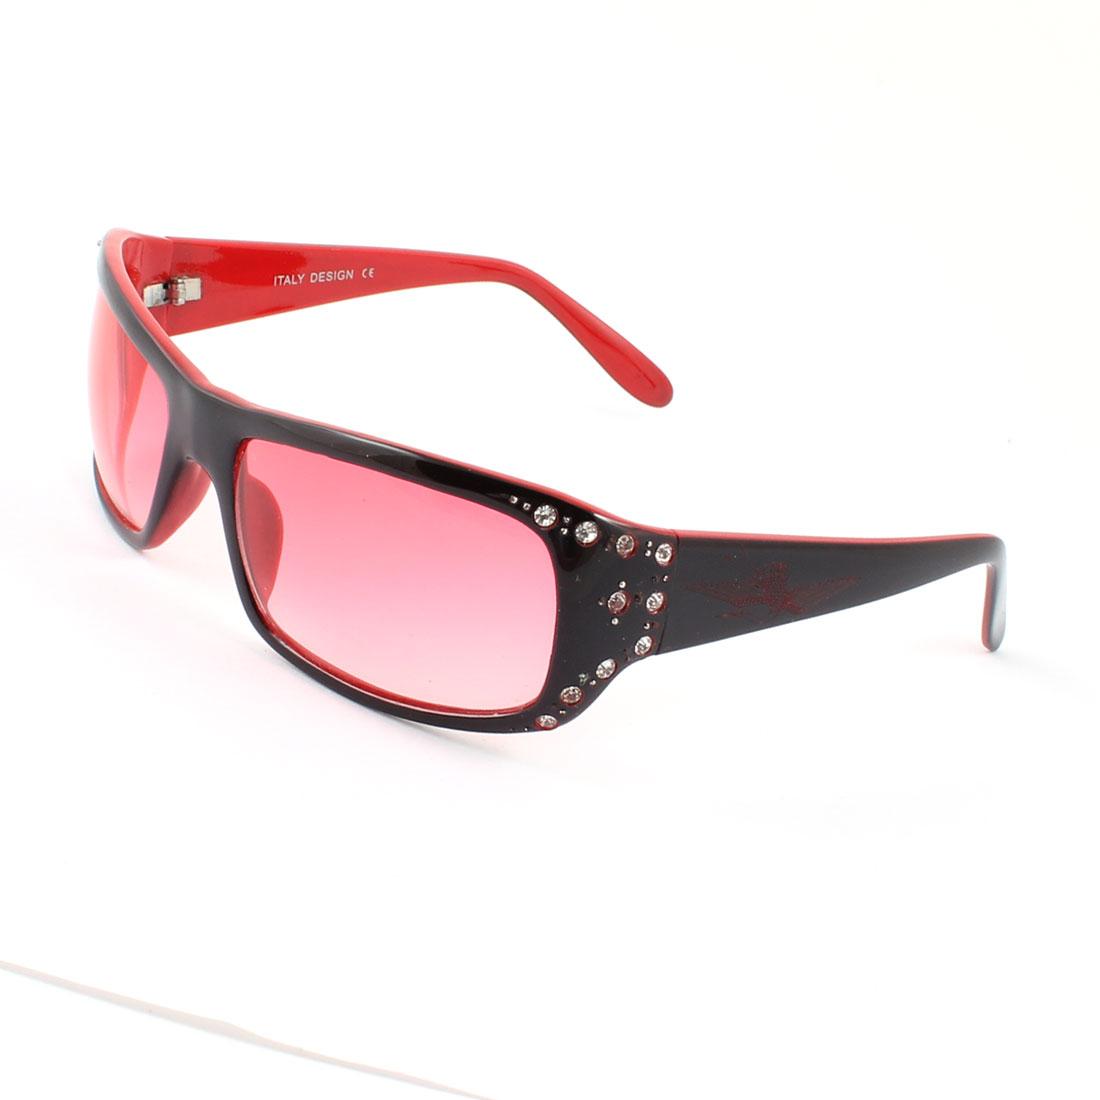 Black Red Plastic Full Frame Fuchsia Gradient Lens Glasses Sunglasses for Woman